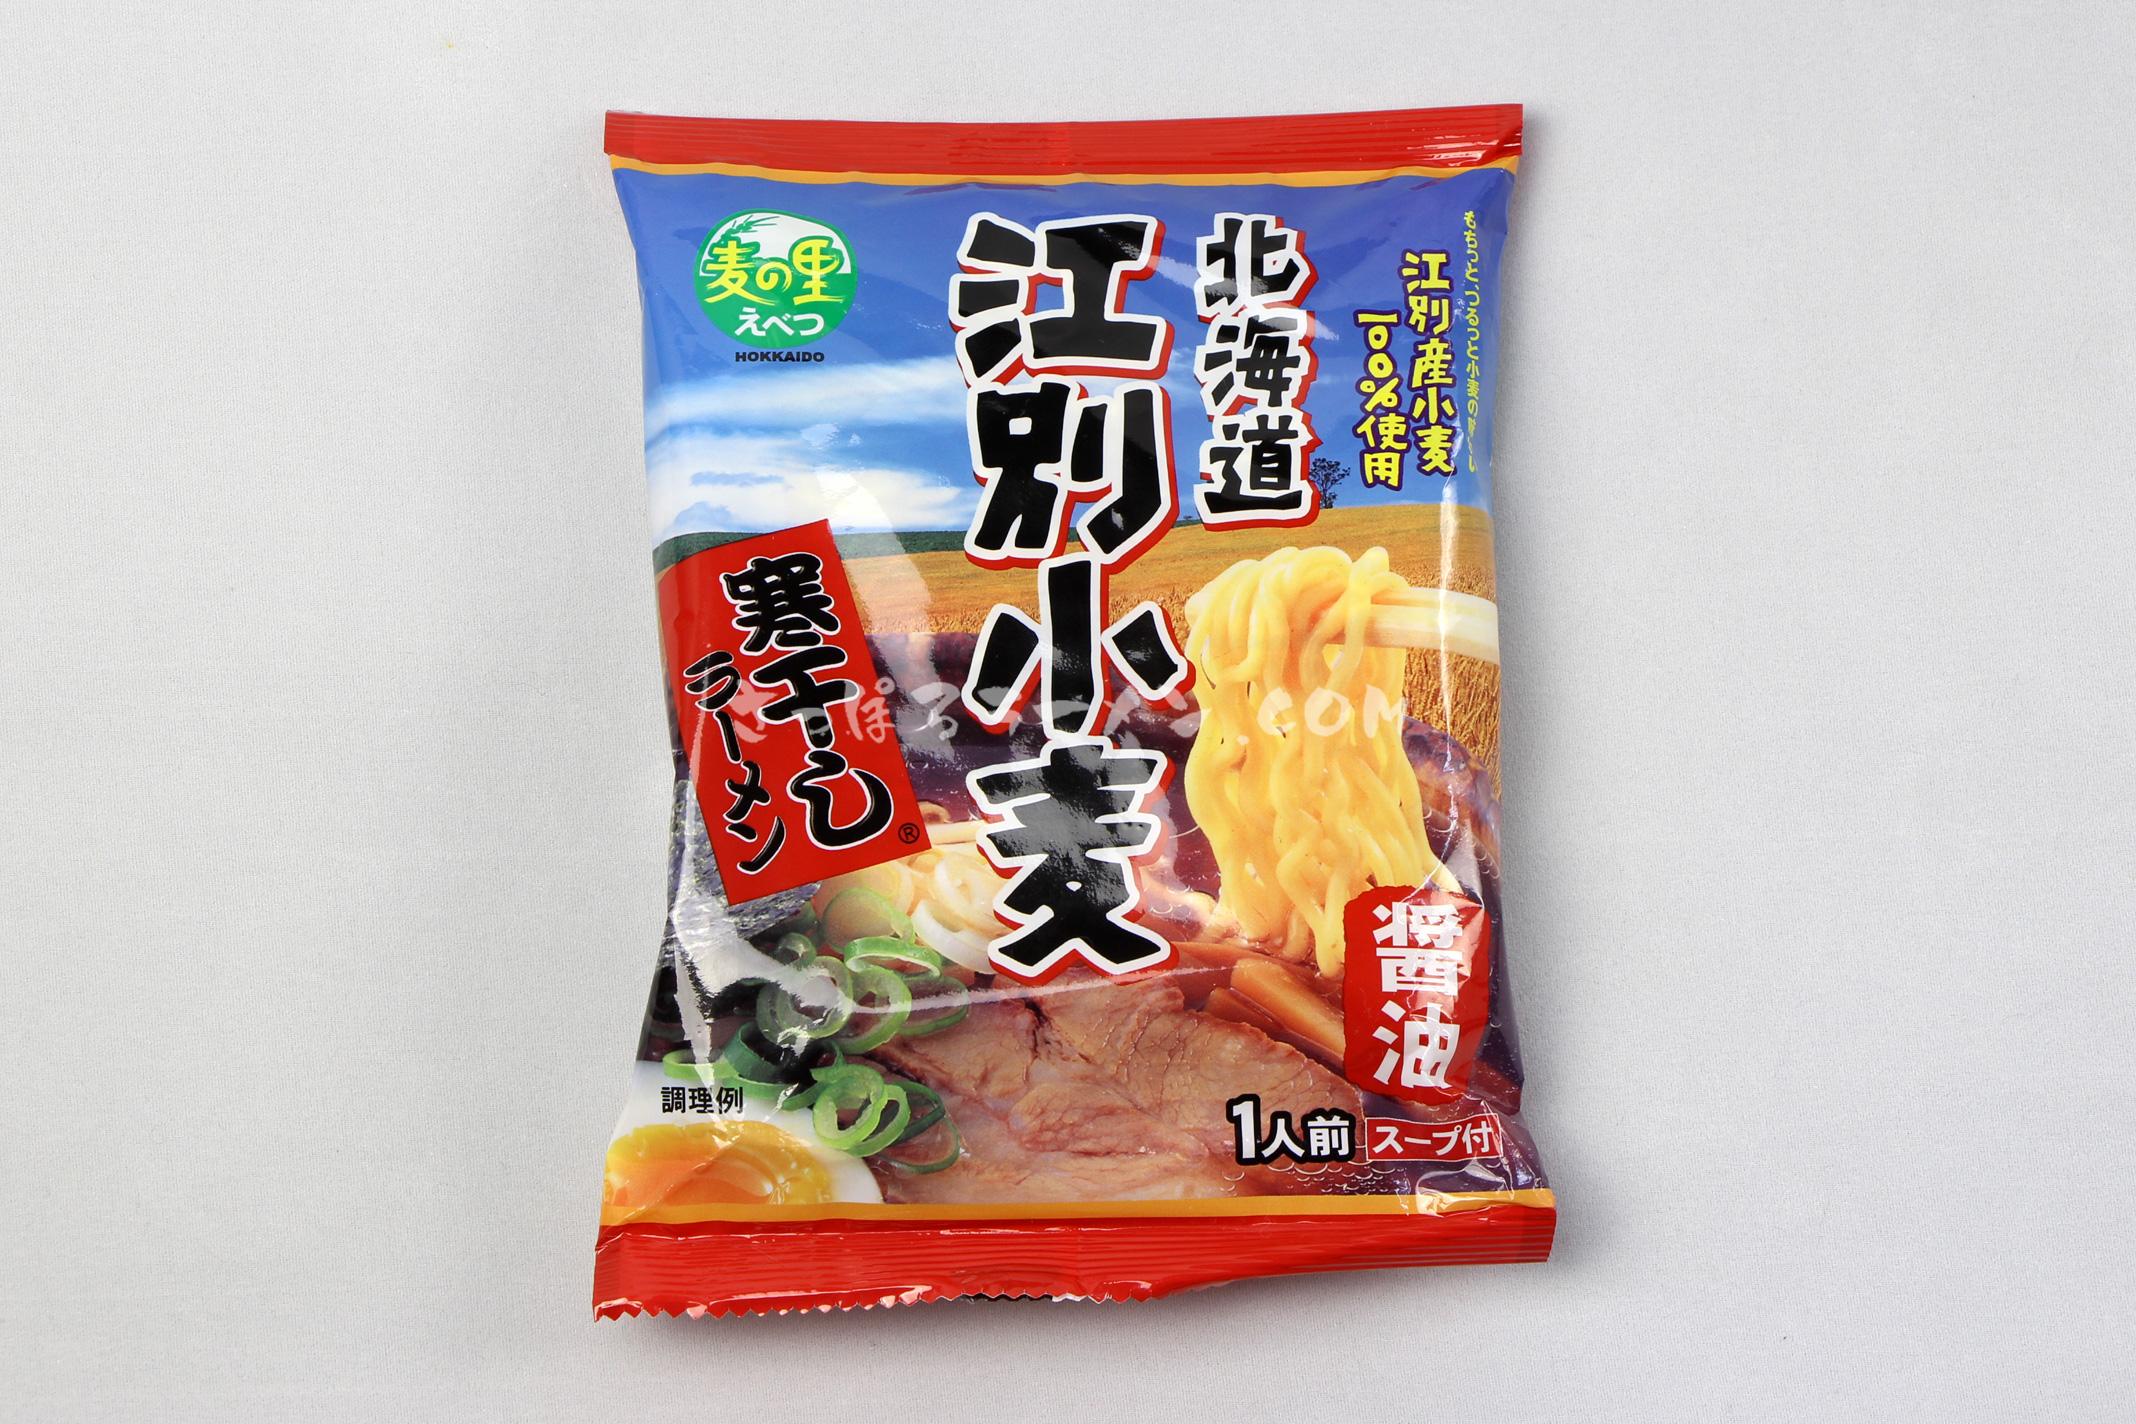 「江別小麦 寒干し 醬油味(1人前)」(菊水)のパッケージ(表)